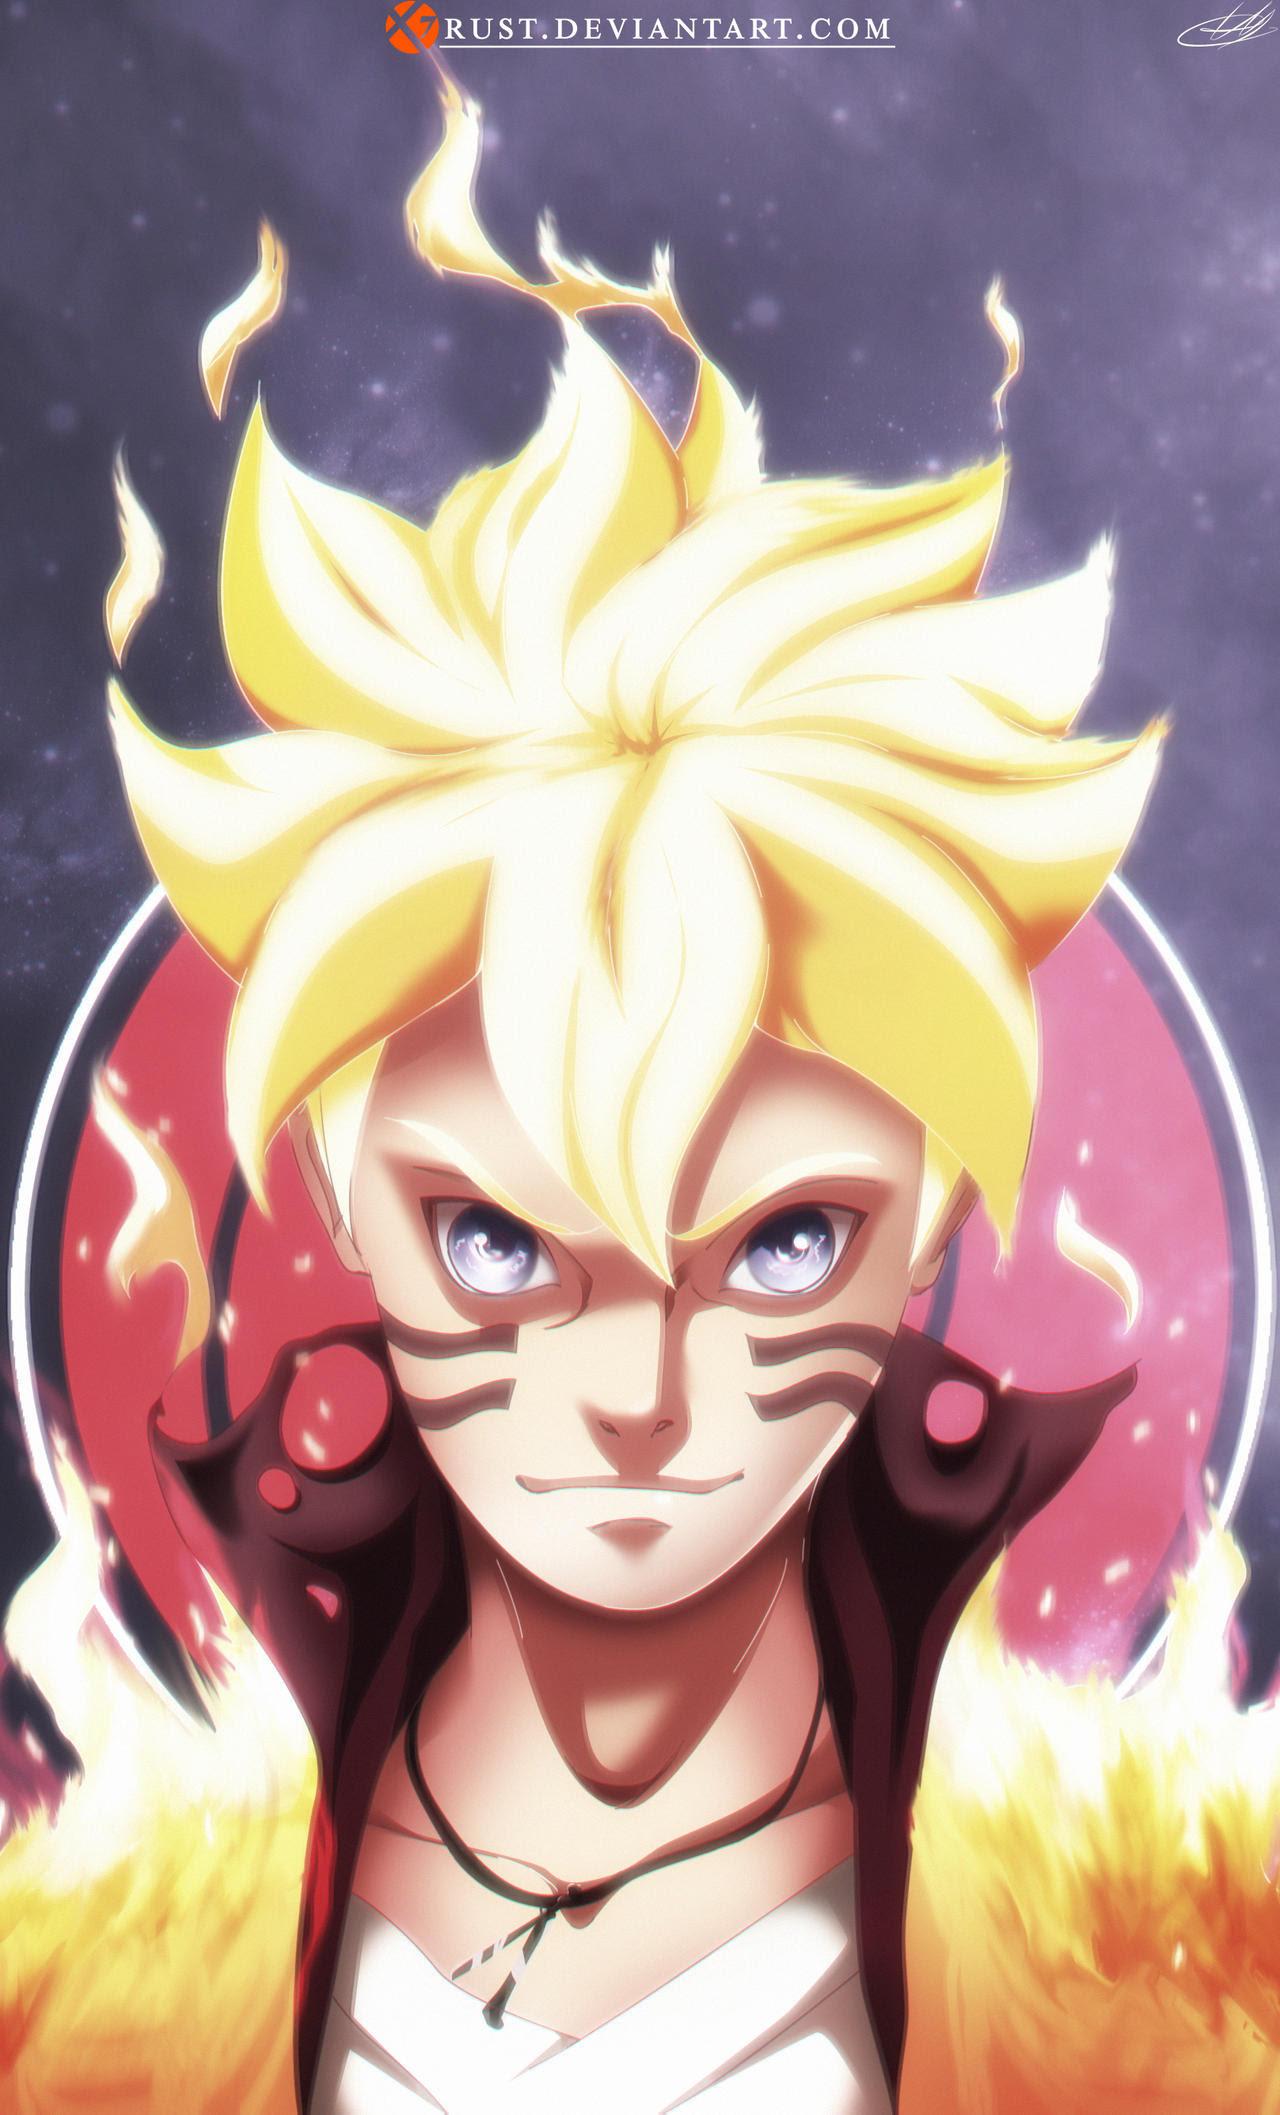 Naruto Shippuden Naruto Sage Mode Wallpaper